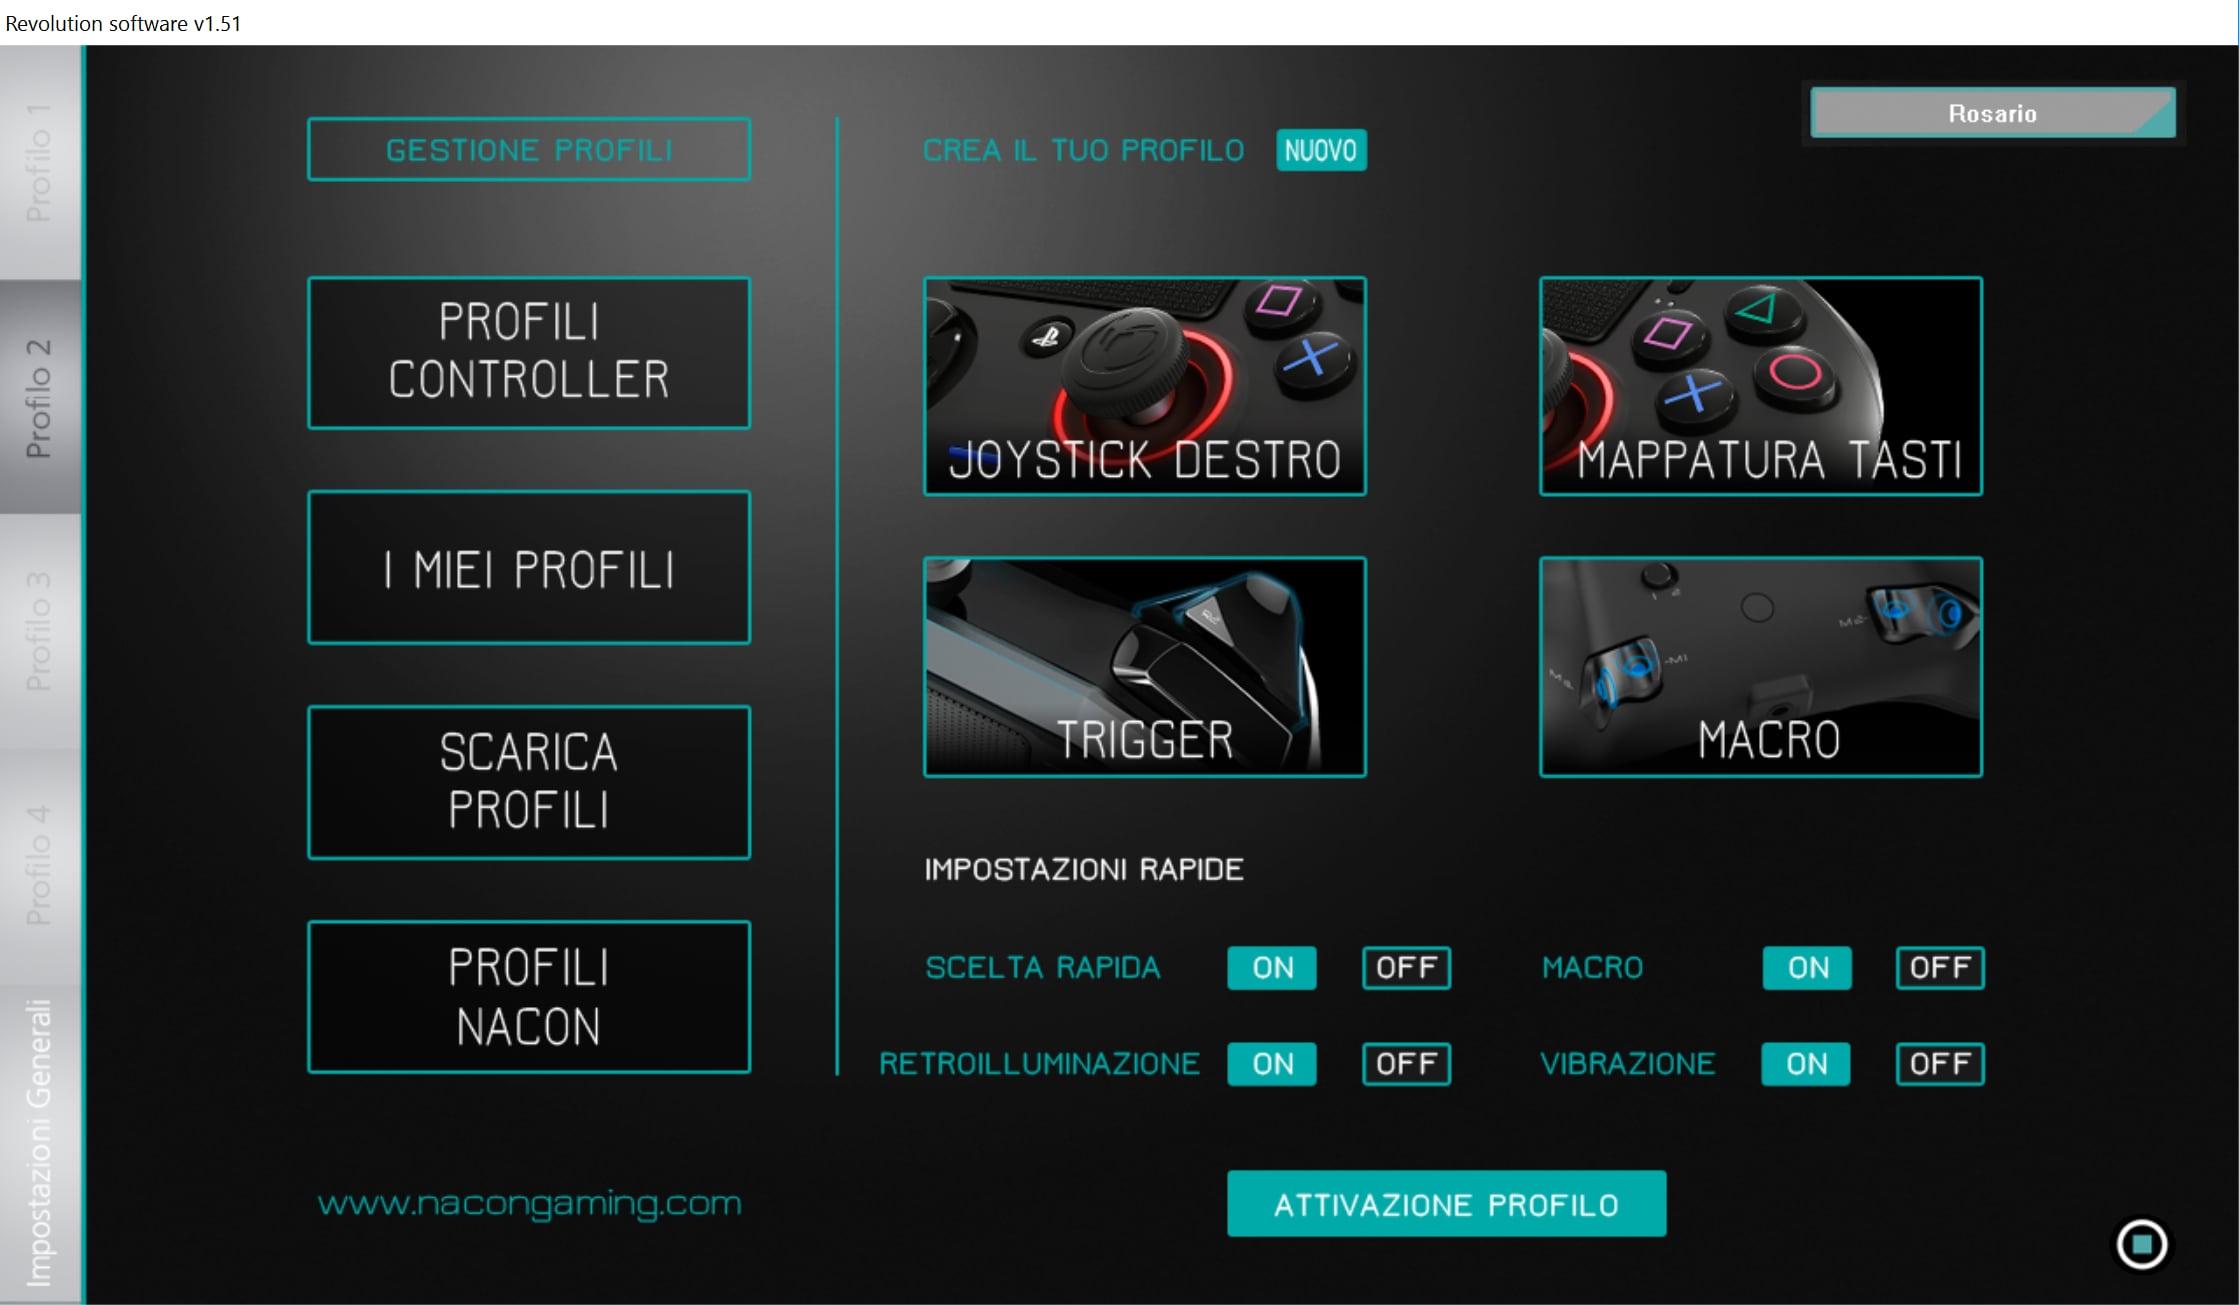 interfaccia-nacon-revolution-pro-controller-2